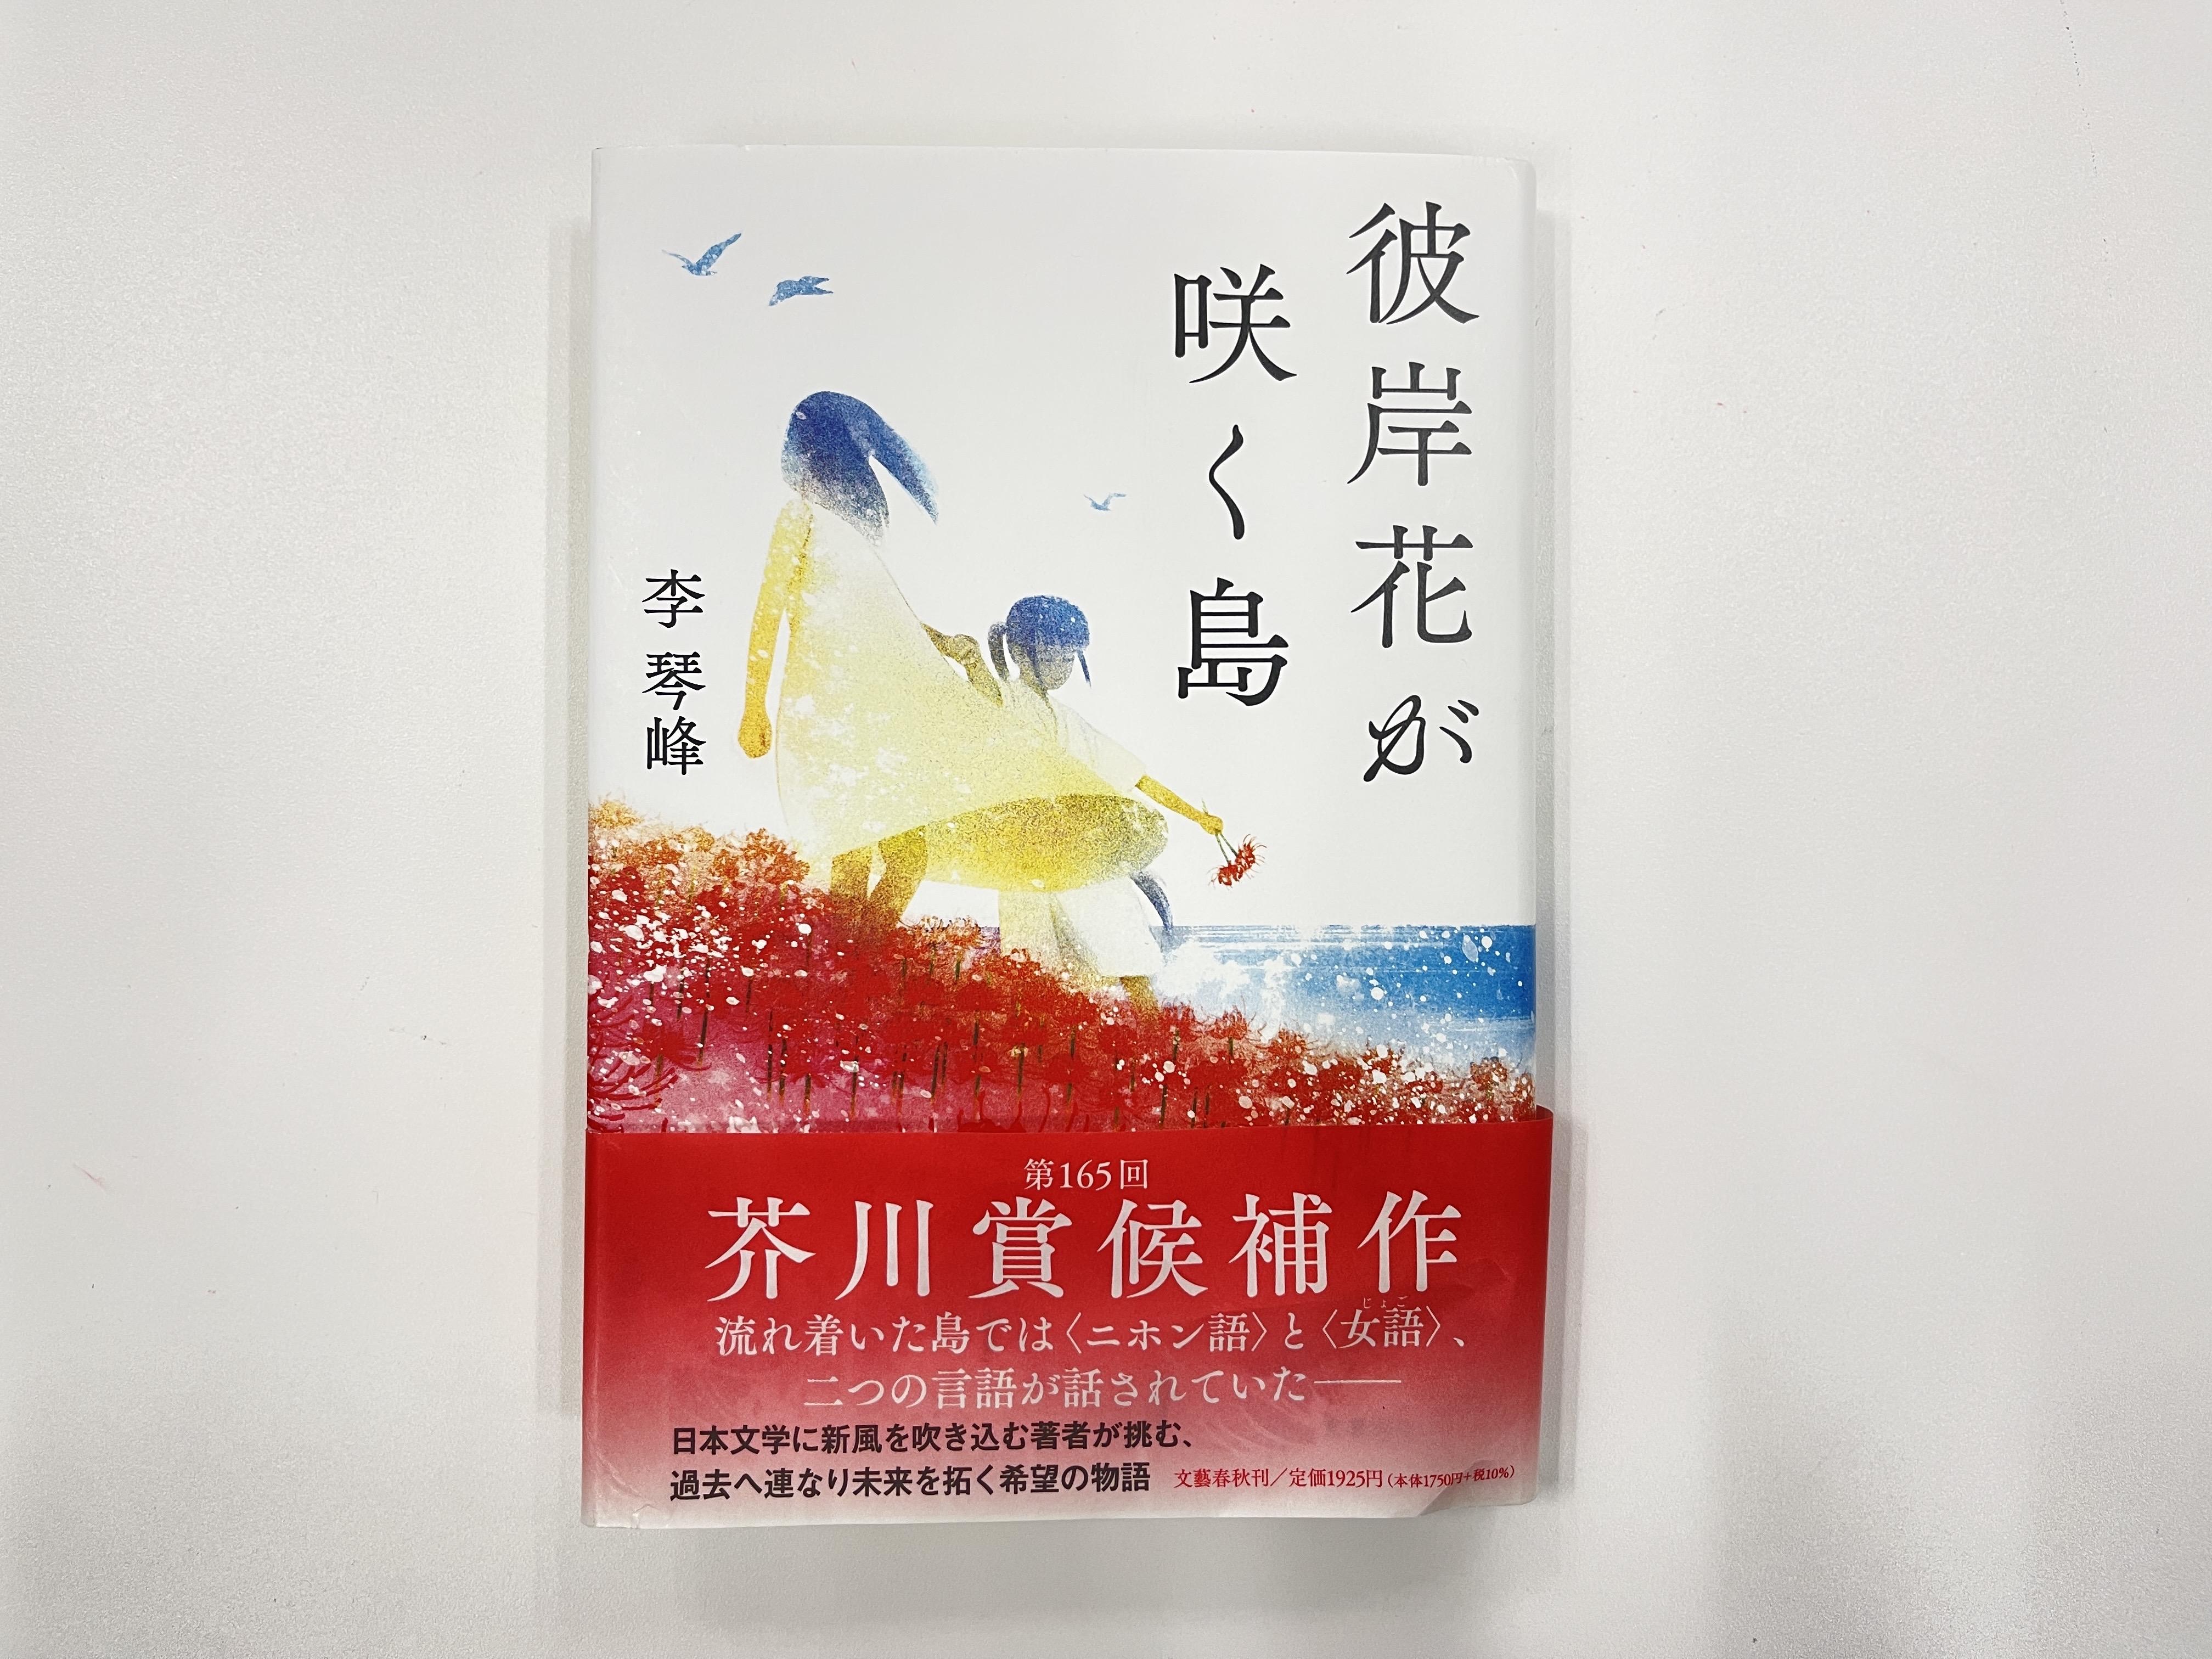 榮獲芥川獎之李琴峰作品「彼岸花盛開之島」於6月在日本出版後廣受好評.jpg